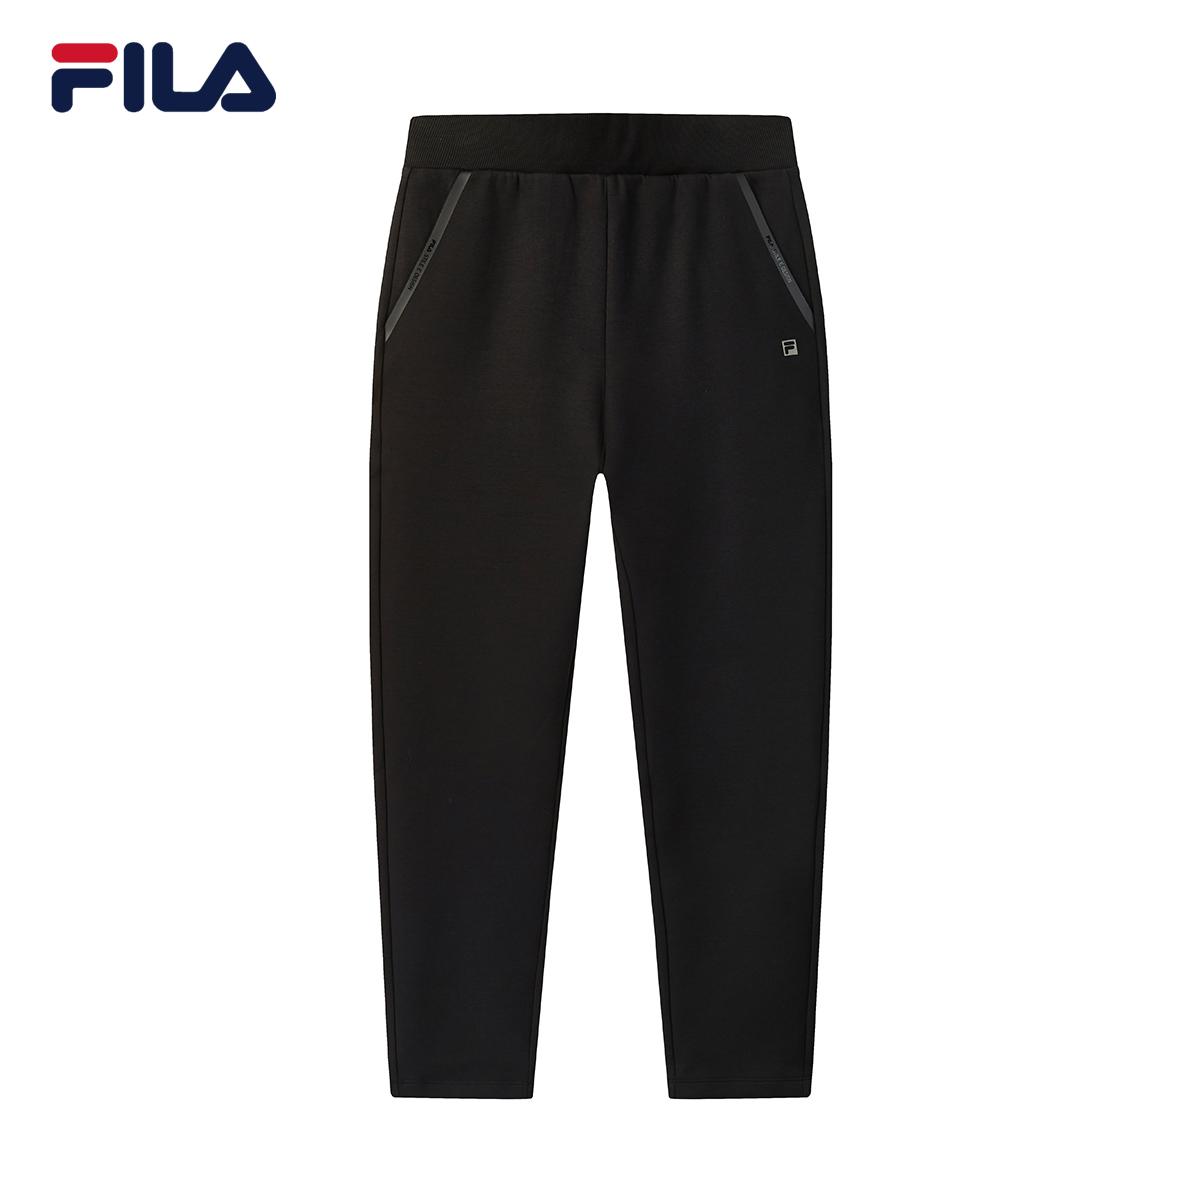 FILA斐乐2020冬款女子休闲针织运动长裤F11W048623F